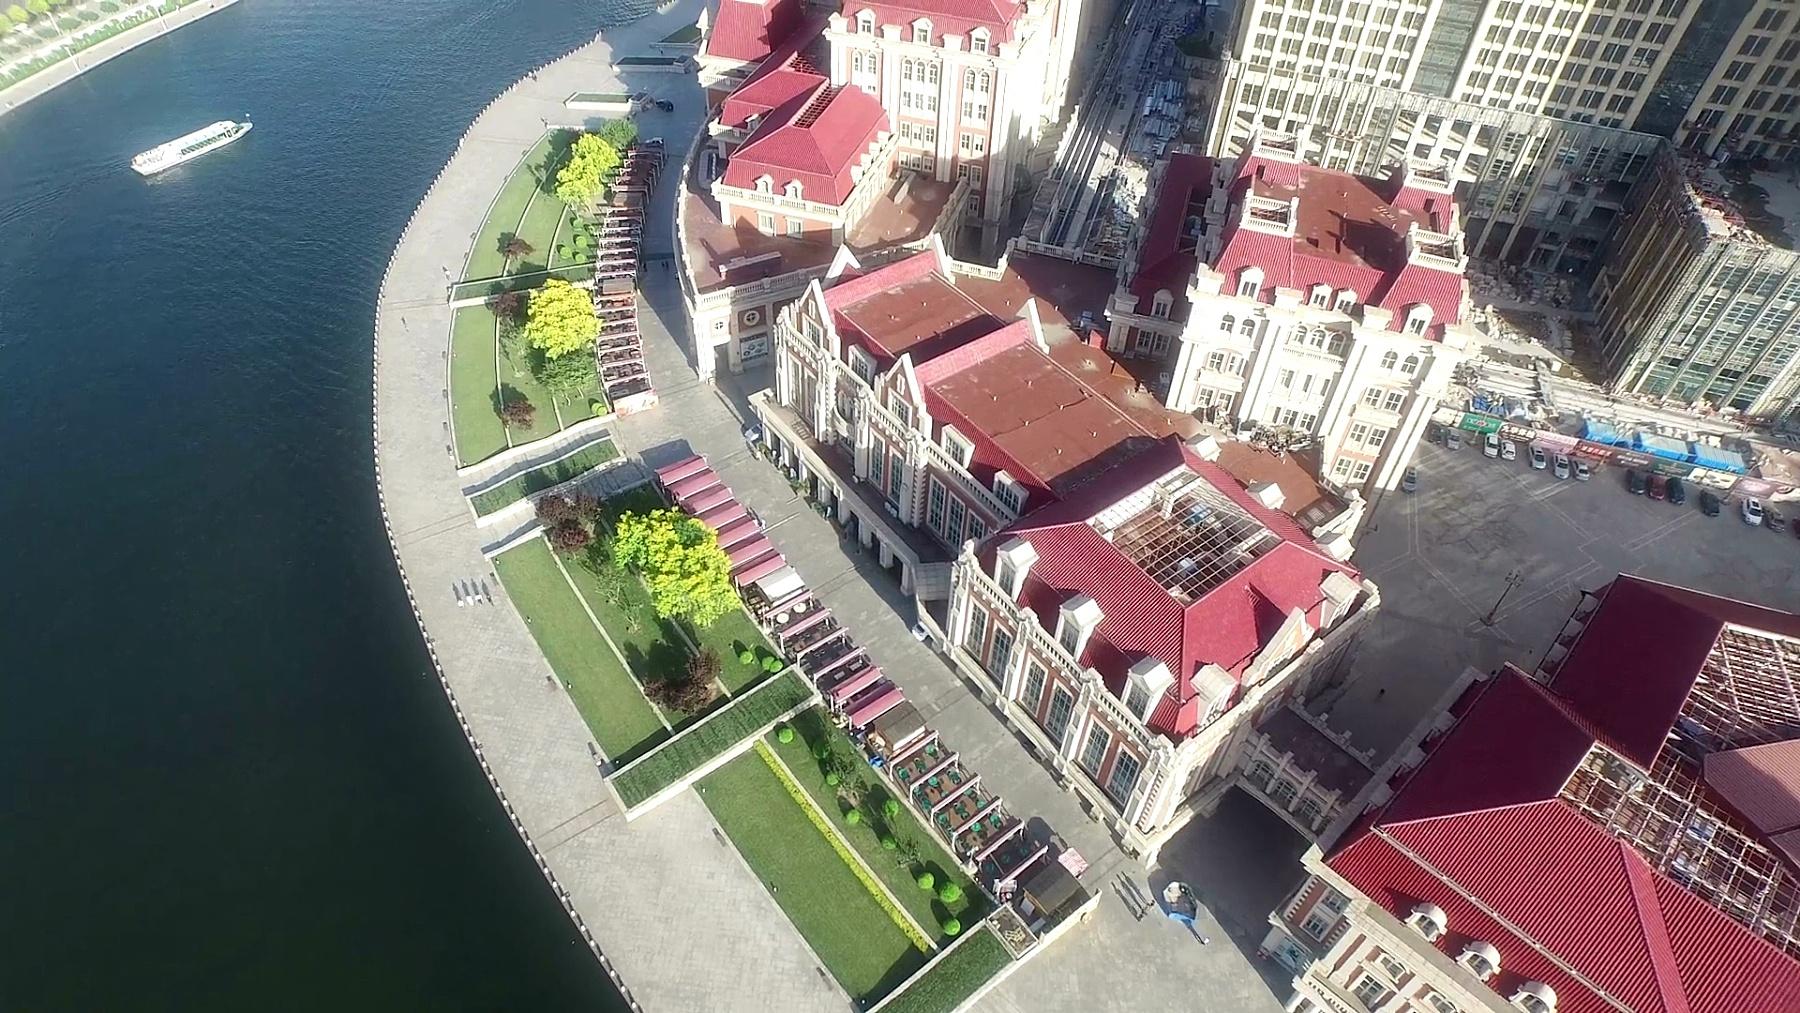 天津现代建筑和城市景观的鸟瞰,实时。